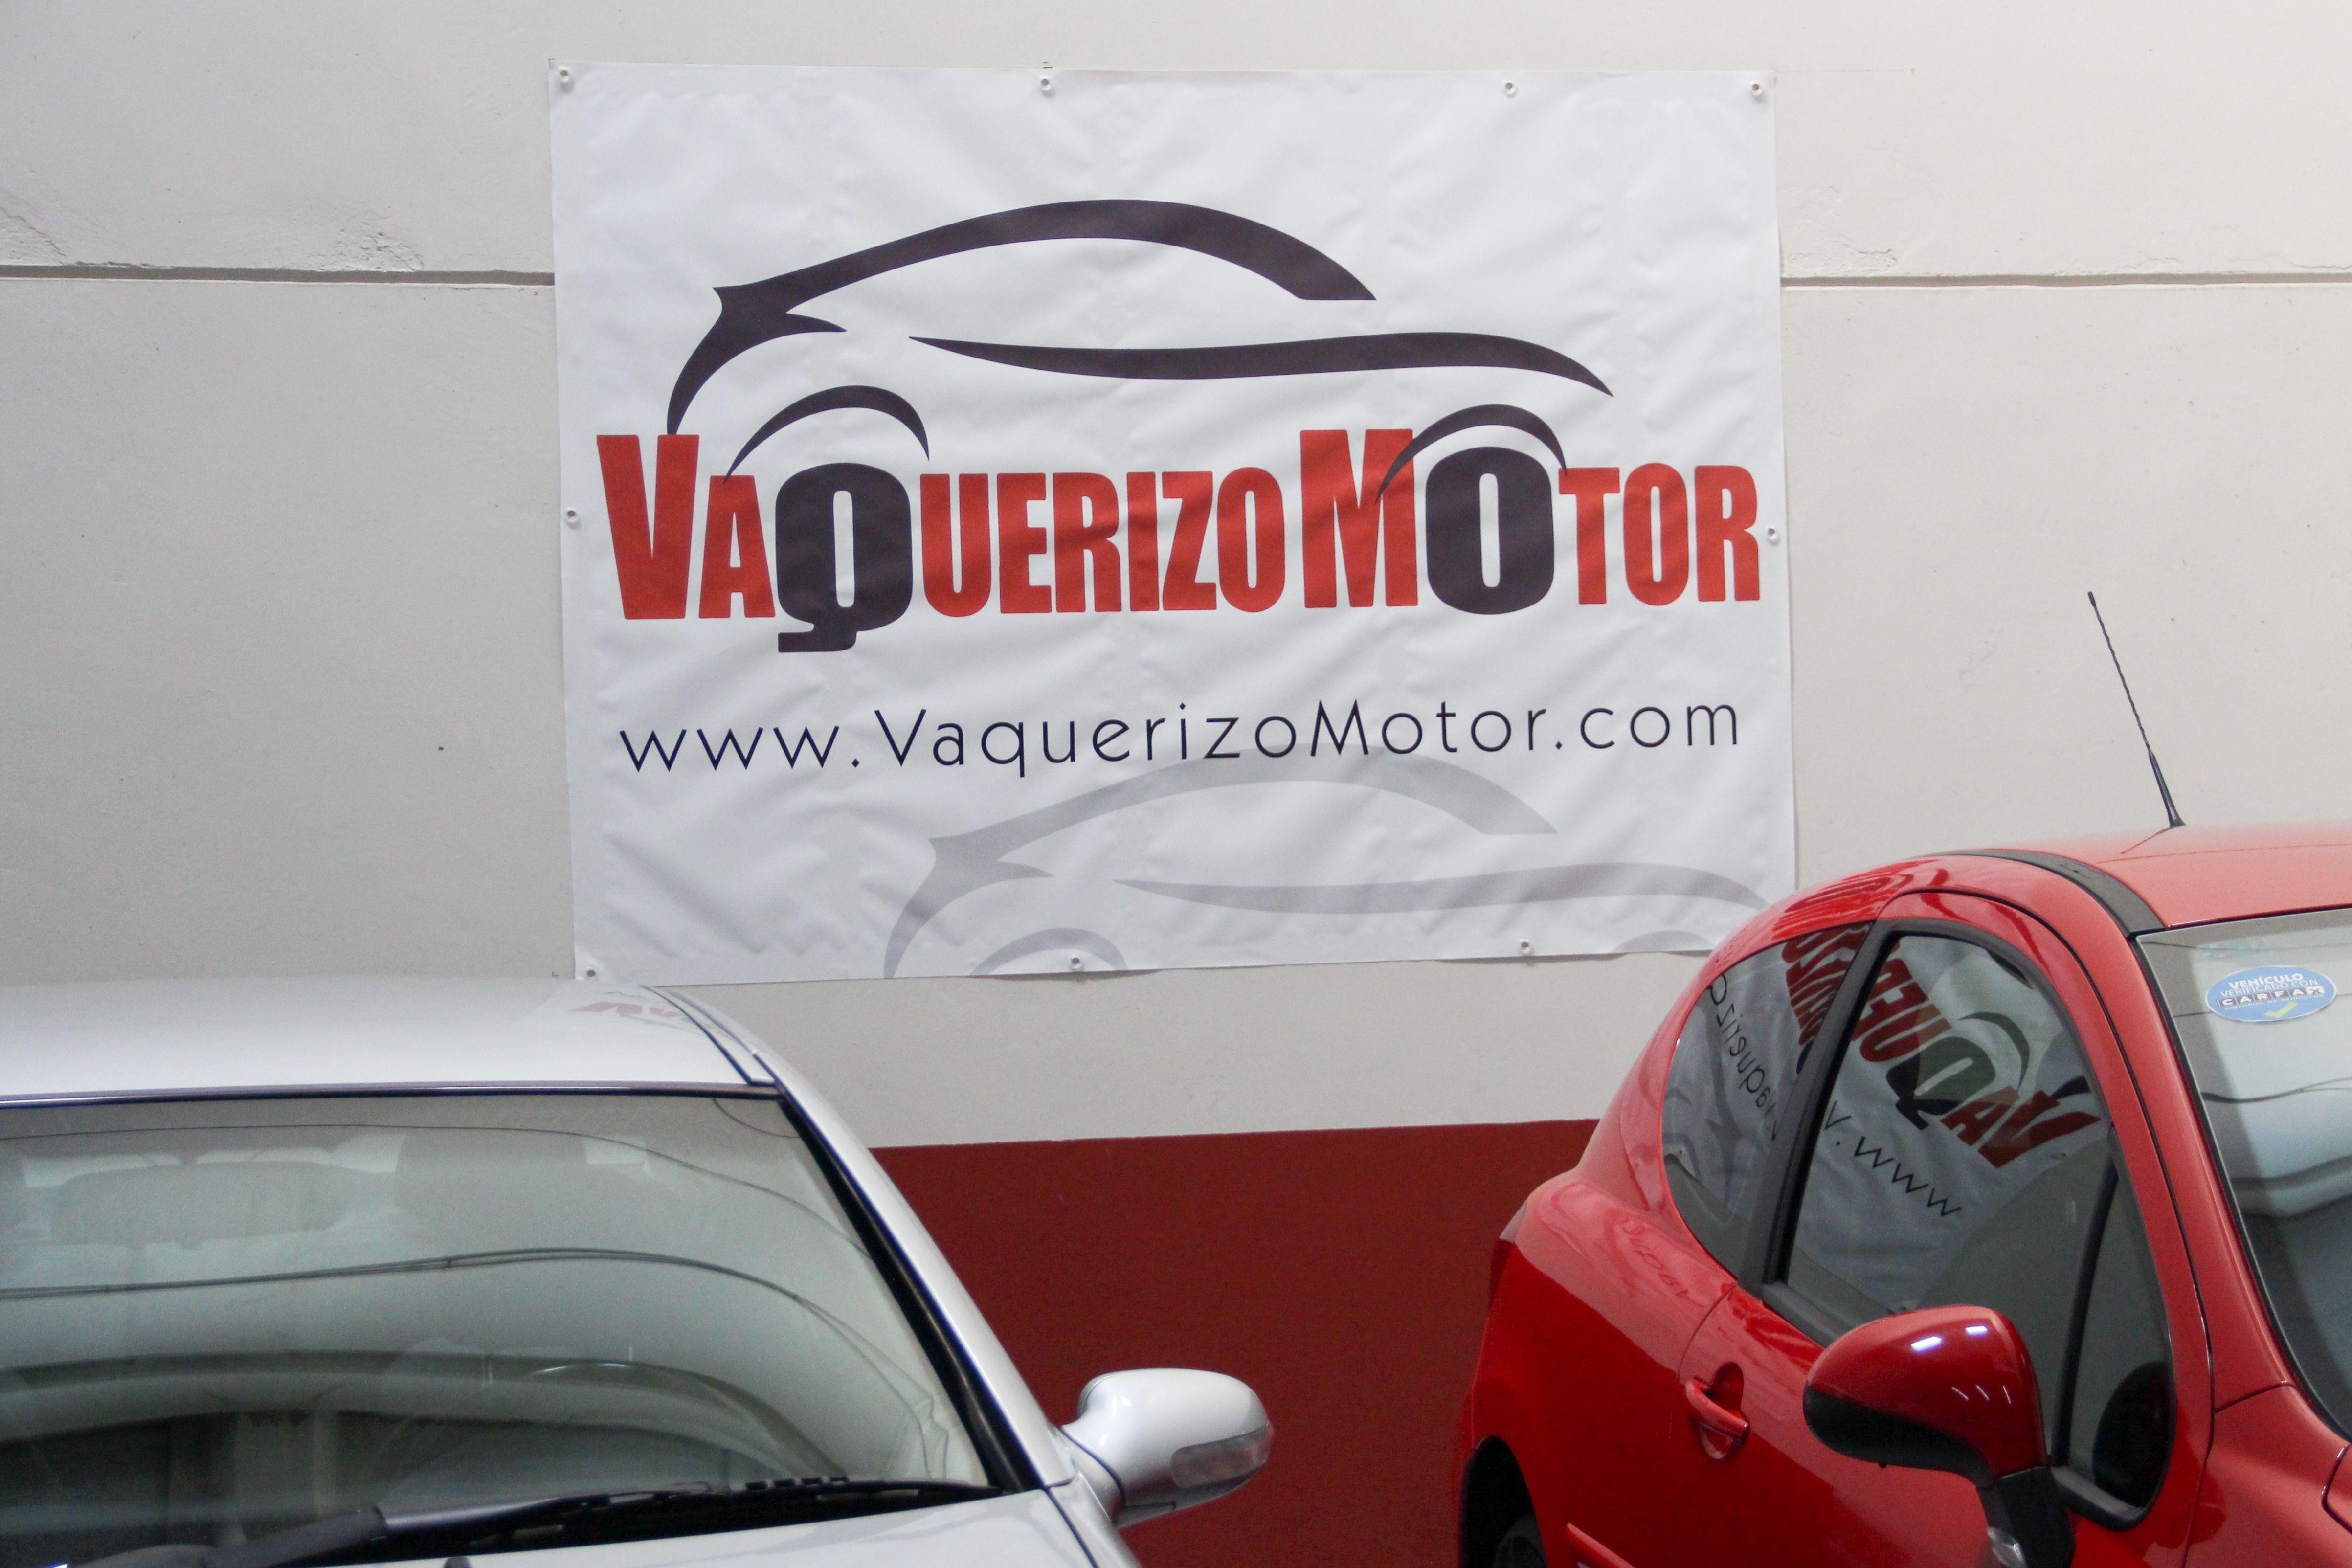 Vaquerizo Motor es un concesionario con años de experiencia en el sector